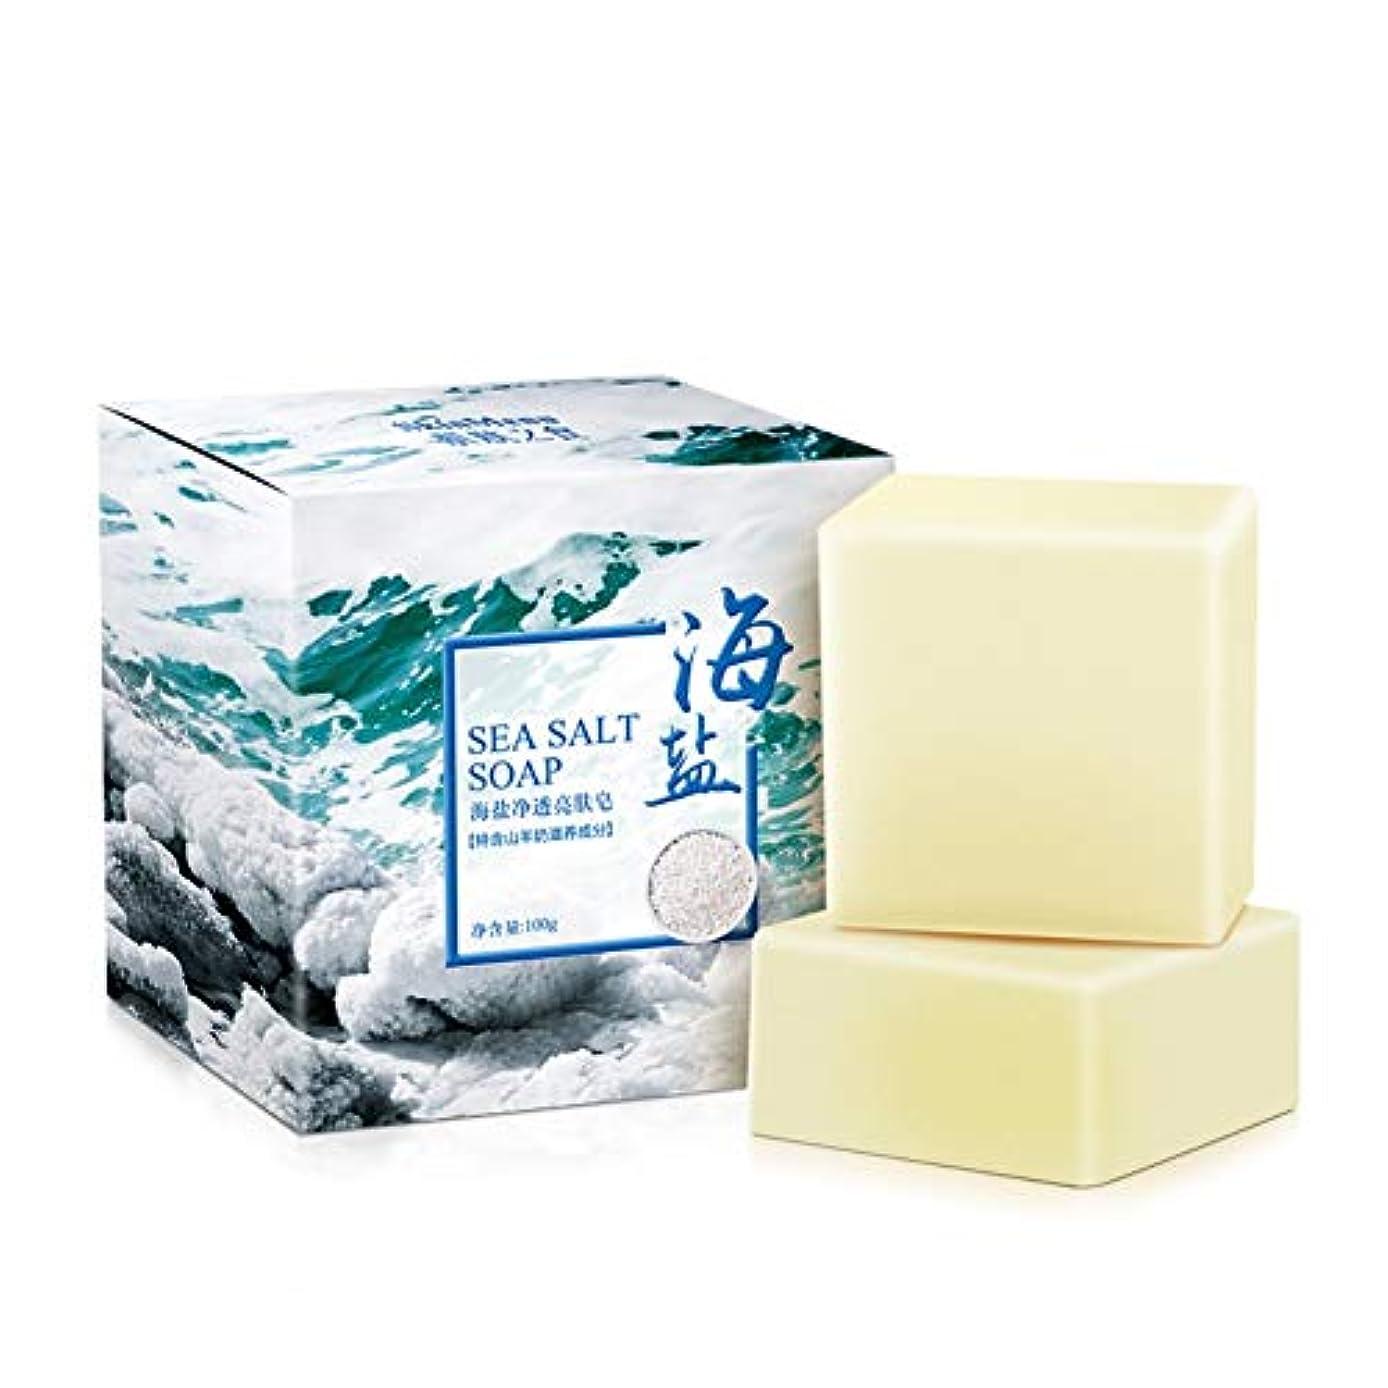 円周理解するしゃがむKISSION せっけん 透明な半透明石鹸 海塩が豊富 ローカストソープ ダニをすばやく削除 無添加 敏感 保湿 肌用 毛穴 対策 パーソナルケア製品